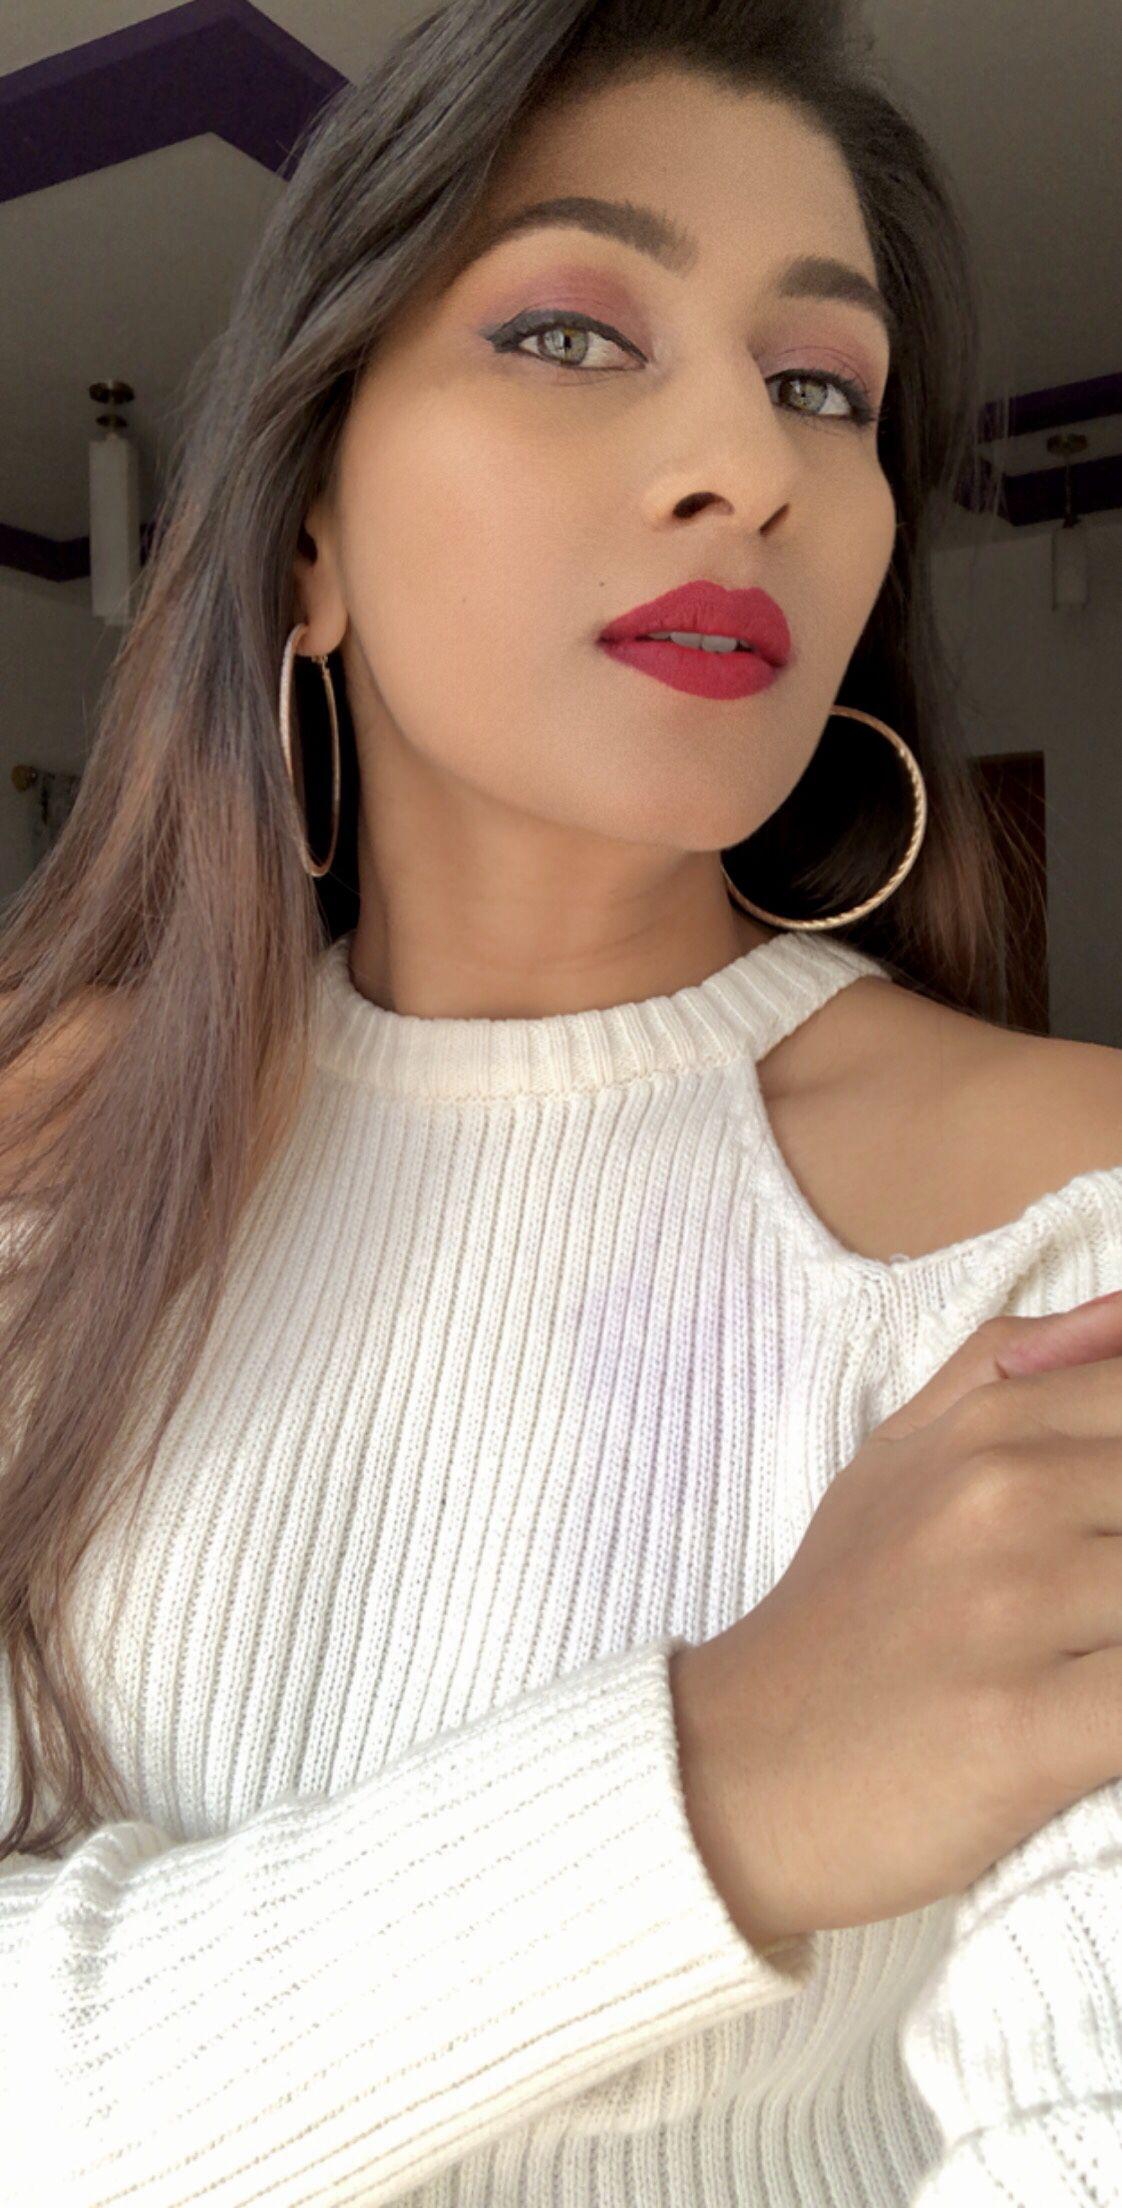 Add Hoop Earrings And Red Lips For Easy Glam Look Red Lips Hoop